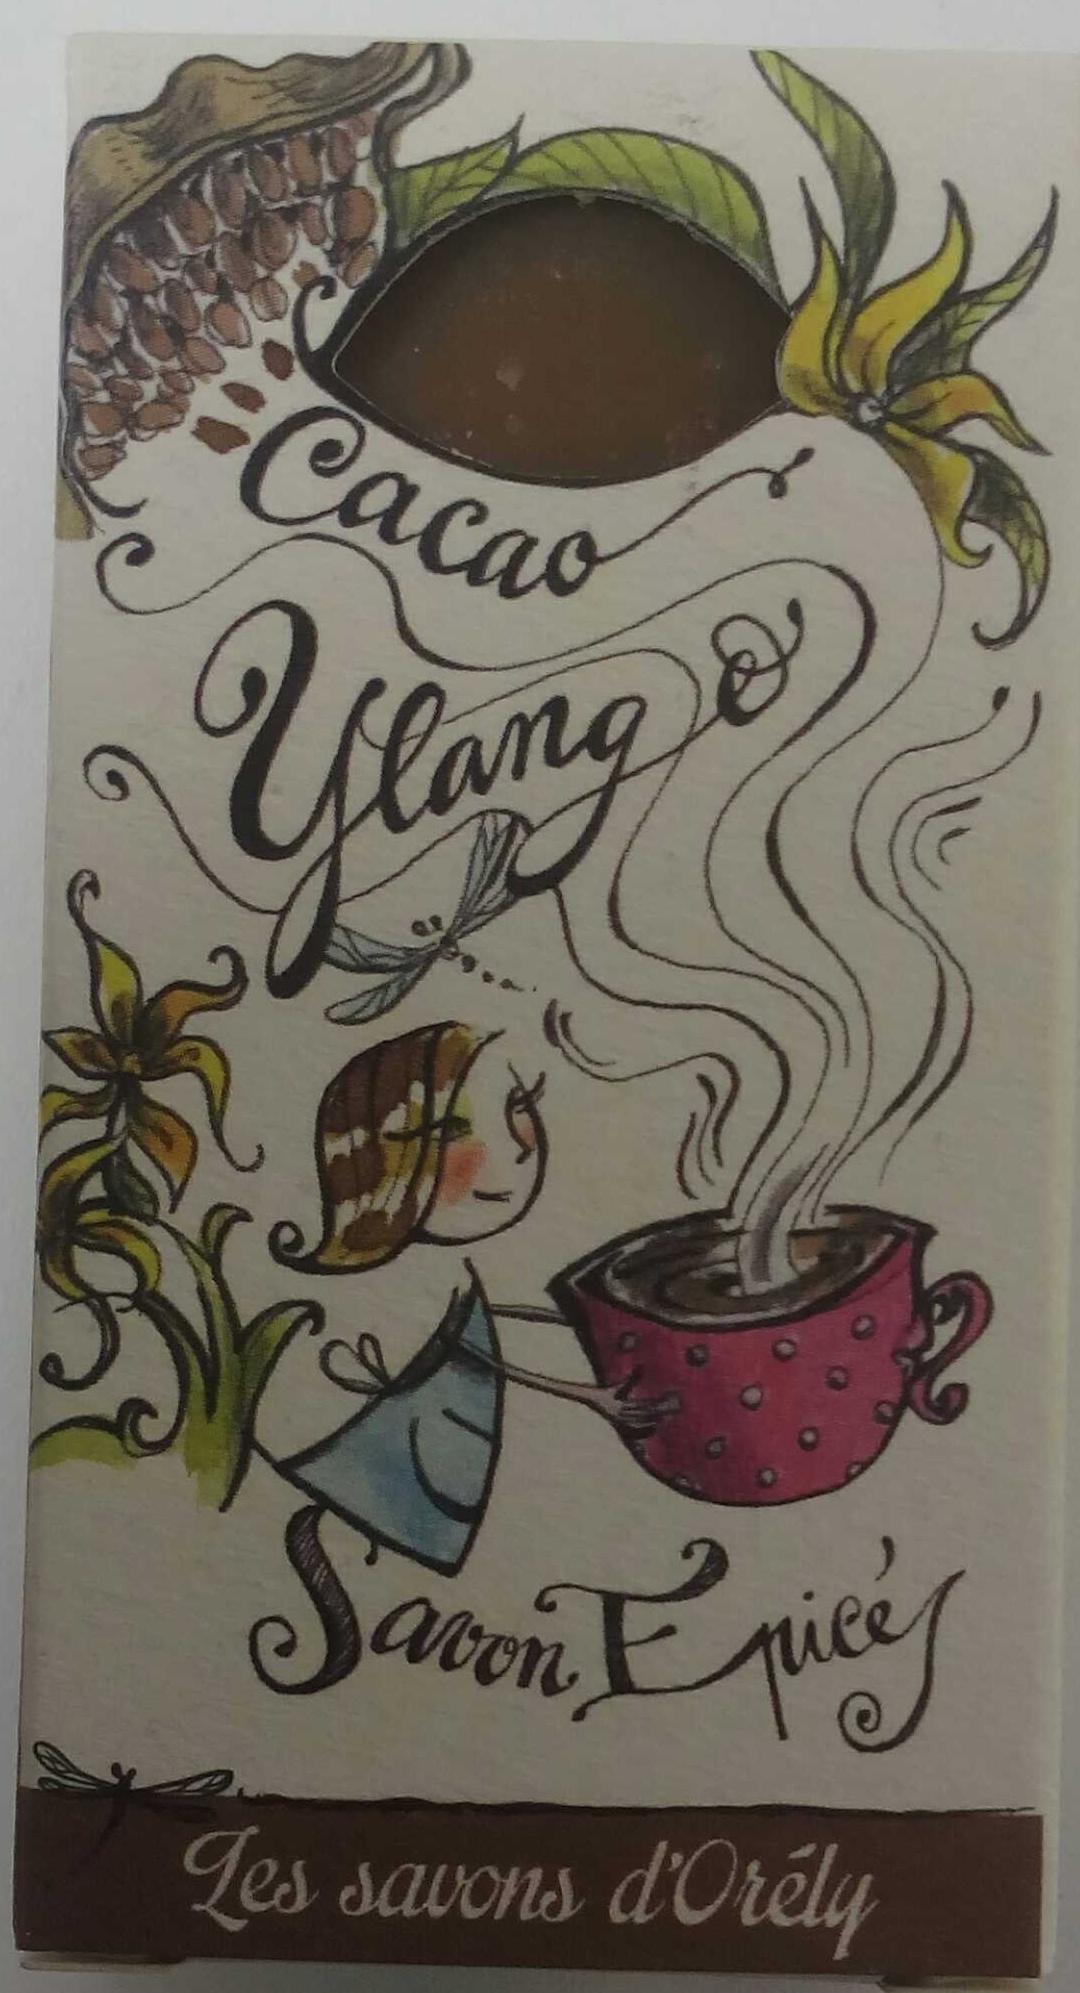 Cacao Ylang ylang - Product - fr